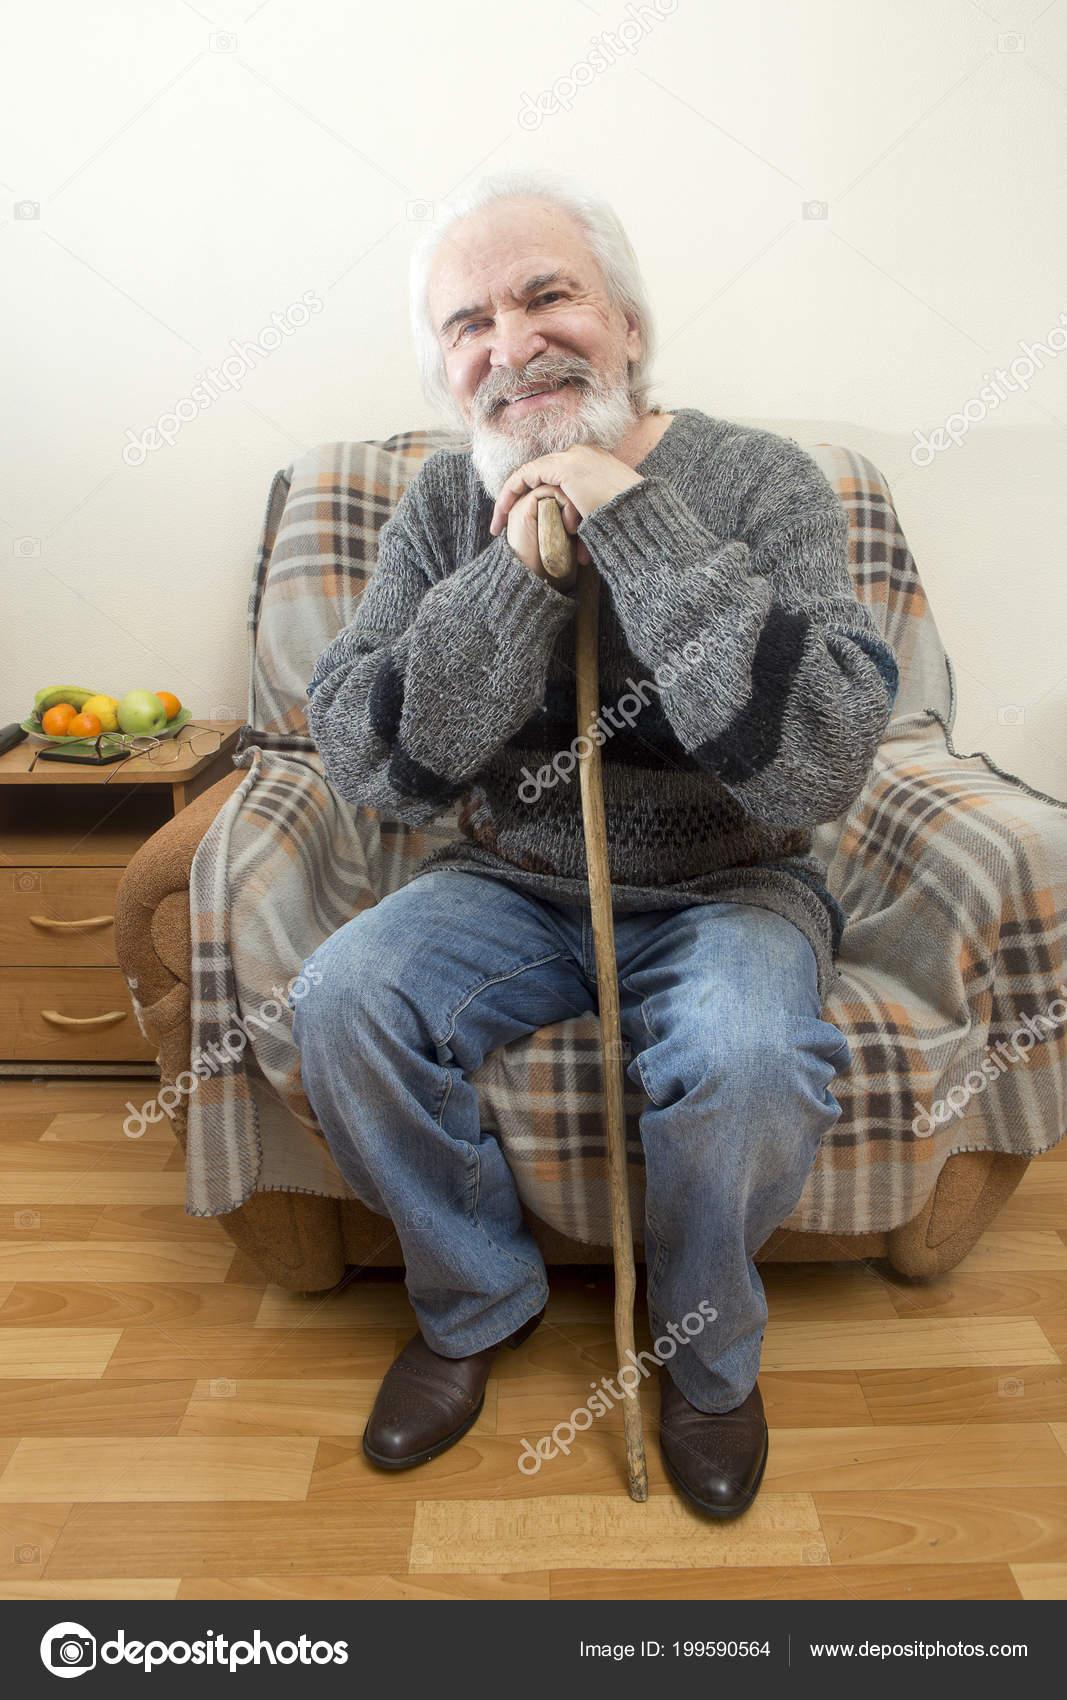 Nonno In Poltrona.Nonno Solo Carismatico Non Scoraggiato Siede Poltrona Casa